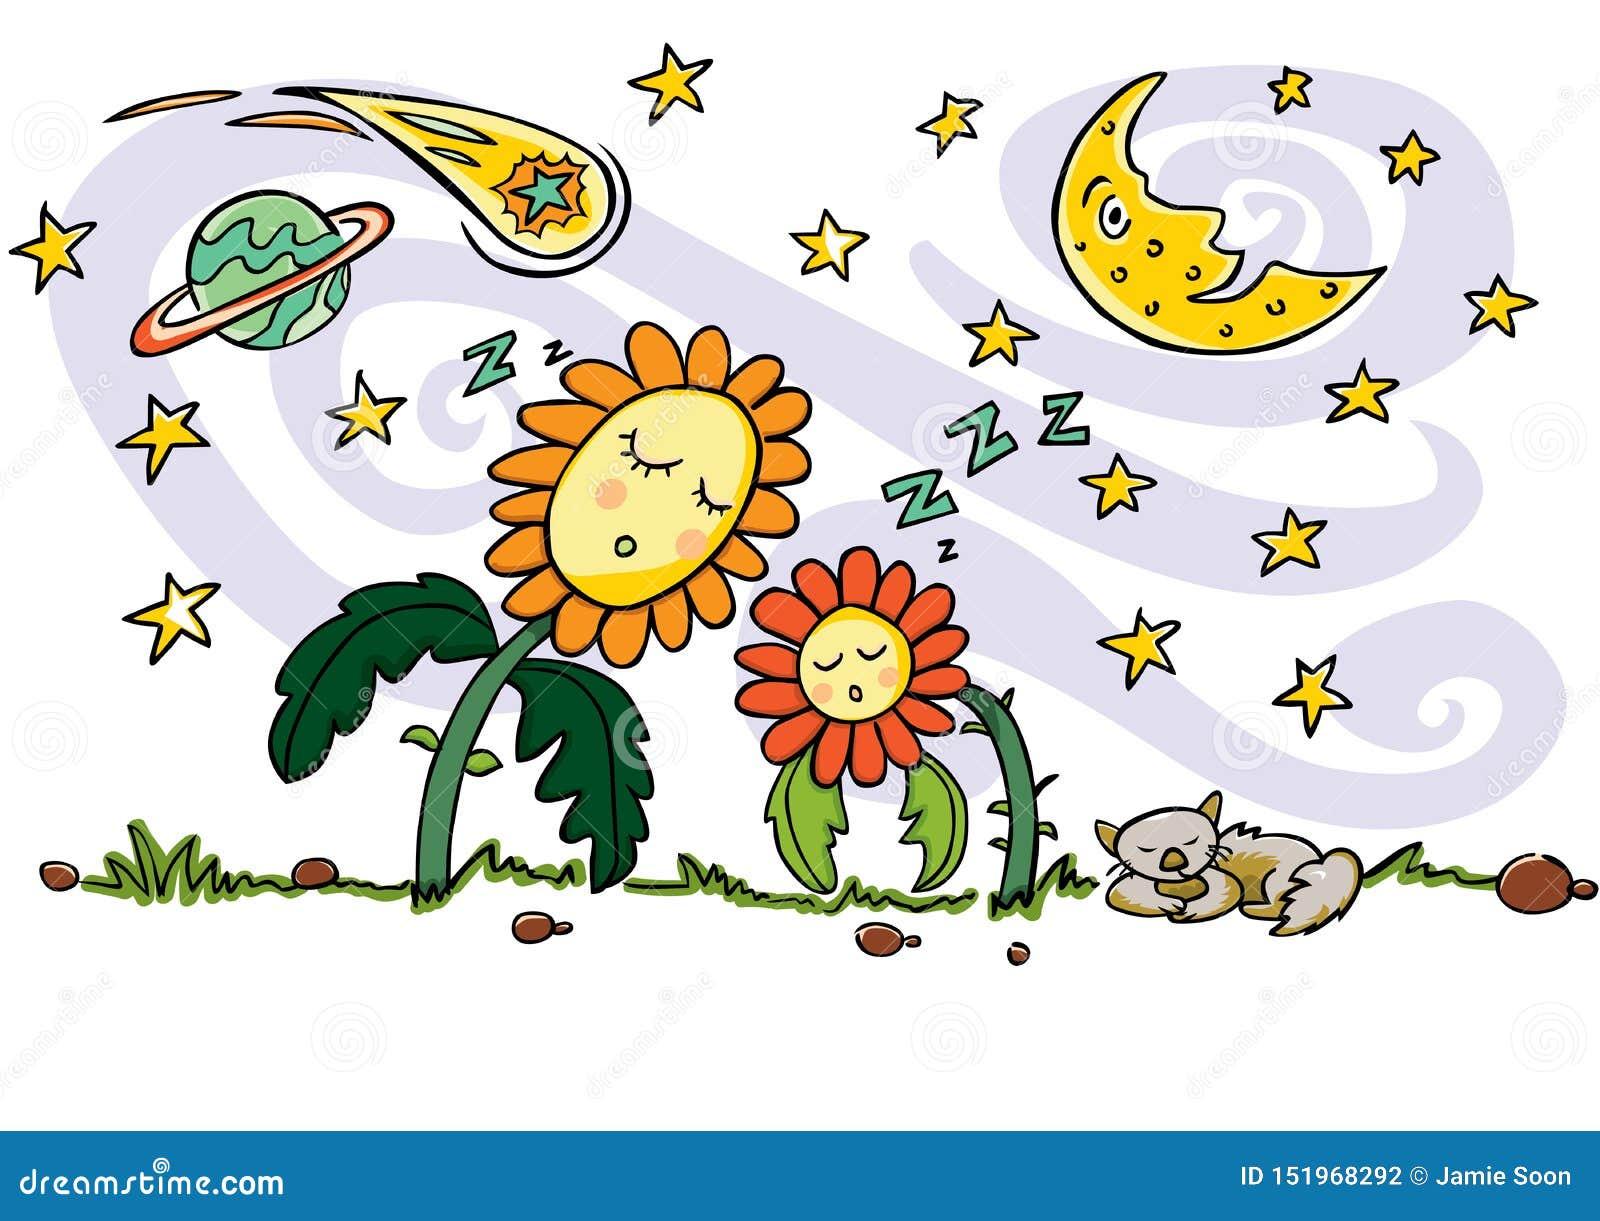 Dessin color? de vecteur Éléments mignons de fleurs, de chat, de croissant de lune, de planète, de comète et d étoiles filantes d